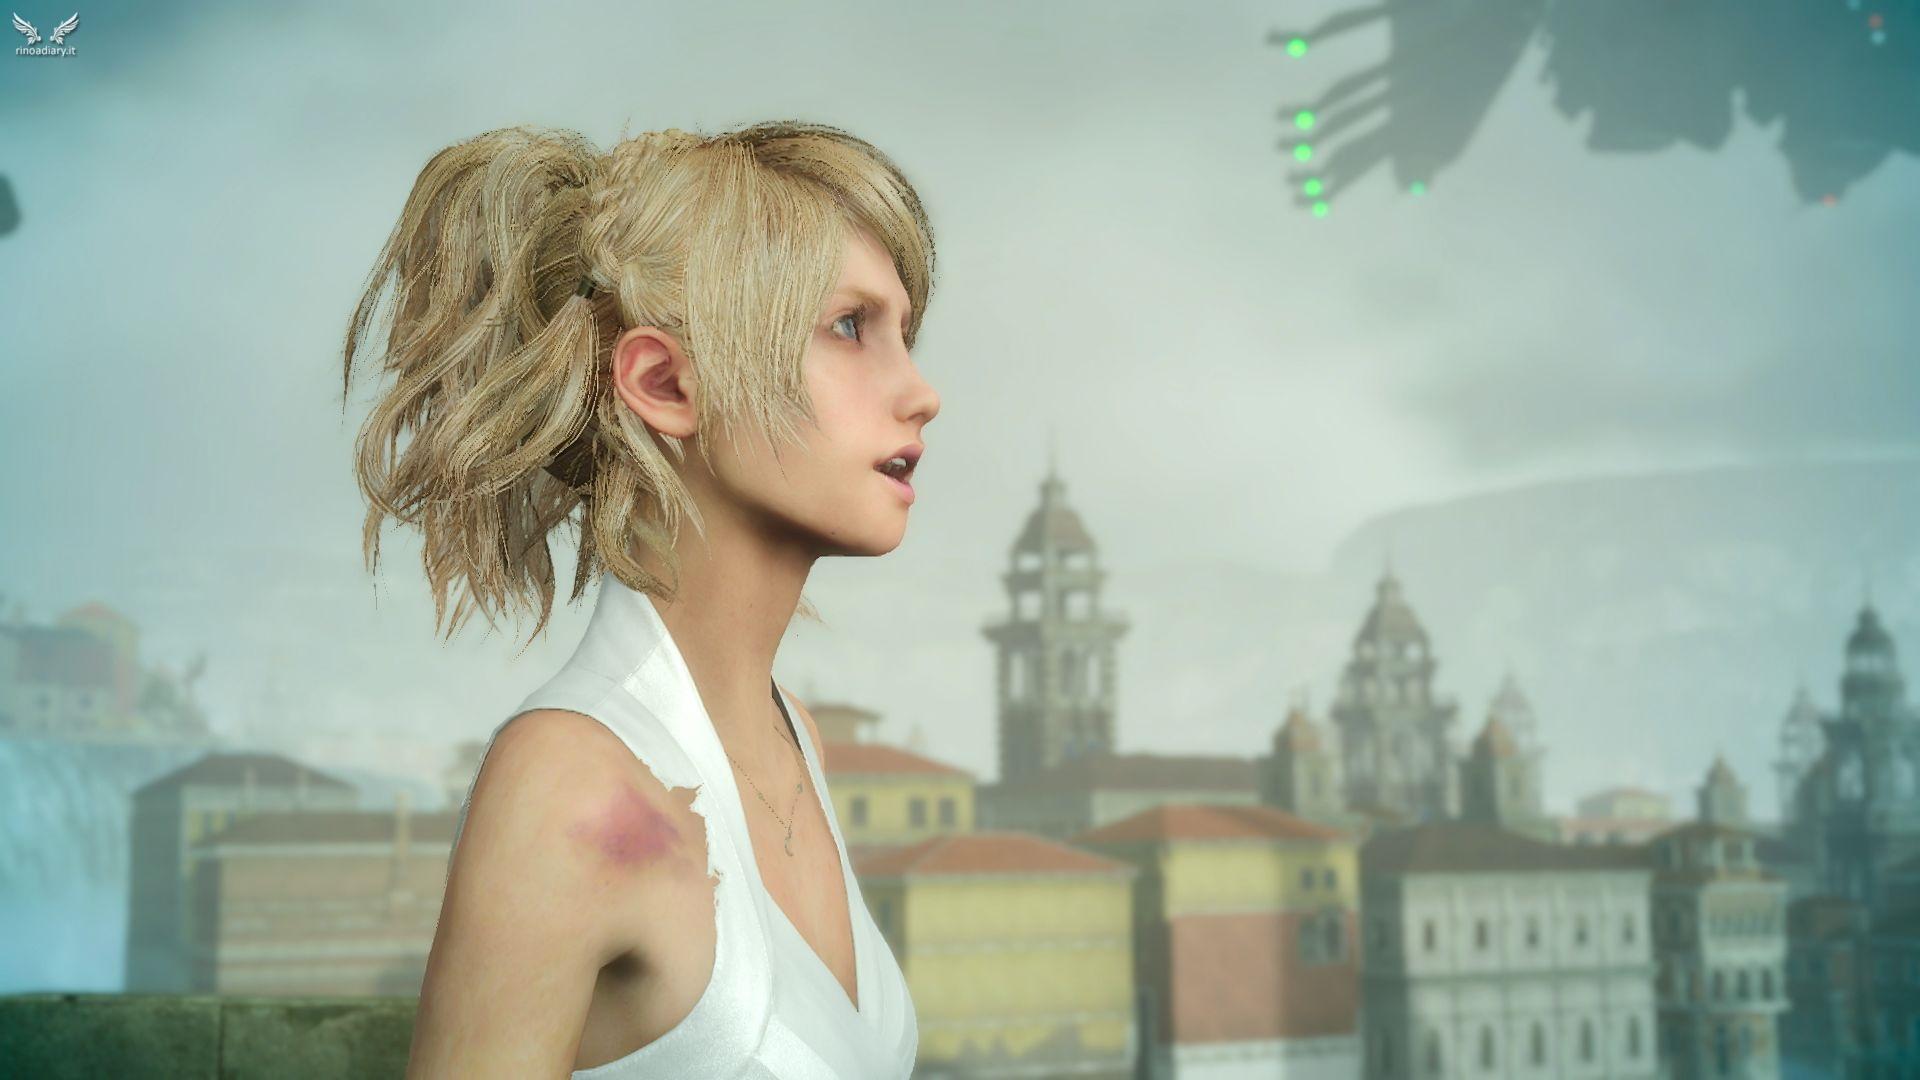 Final Fantasy XV Holiday Booster Pack e PlayStation 4 Pro: tutte le info dall'ATR di oggi!